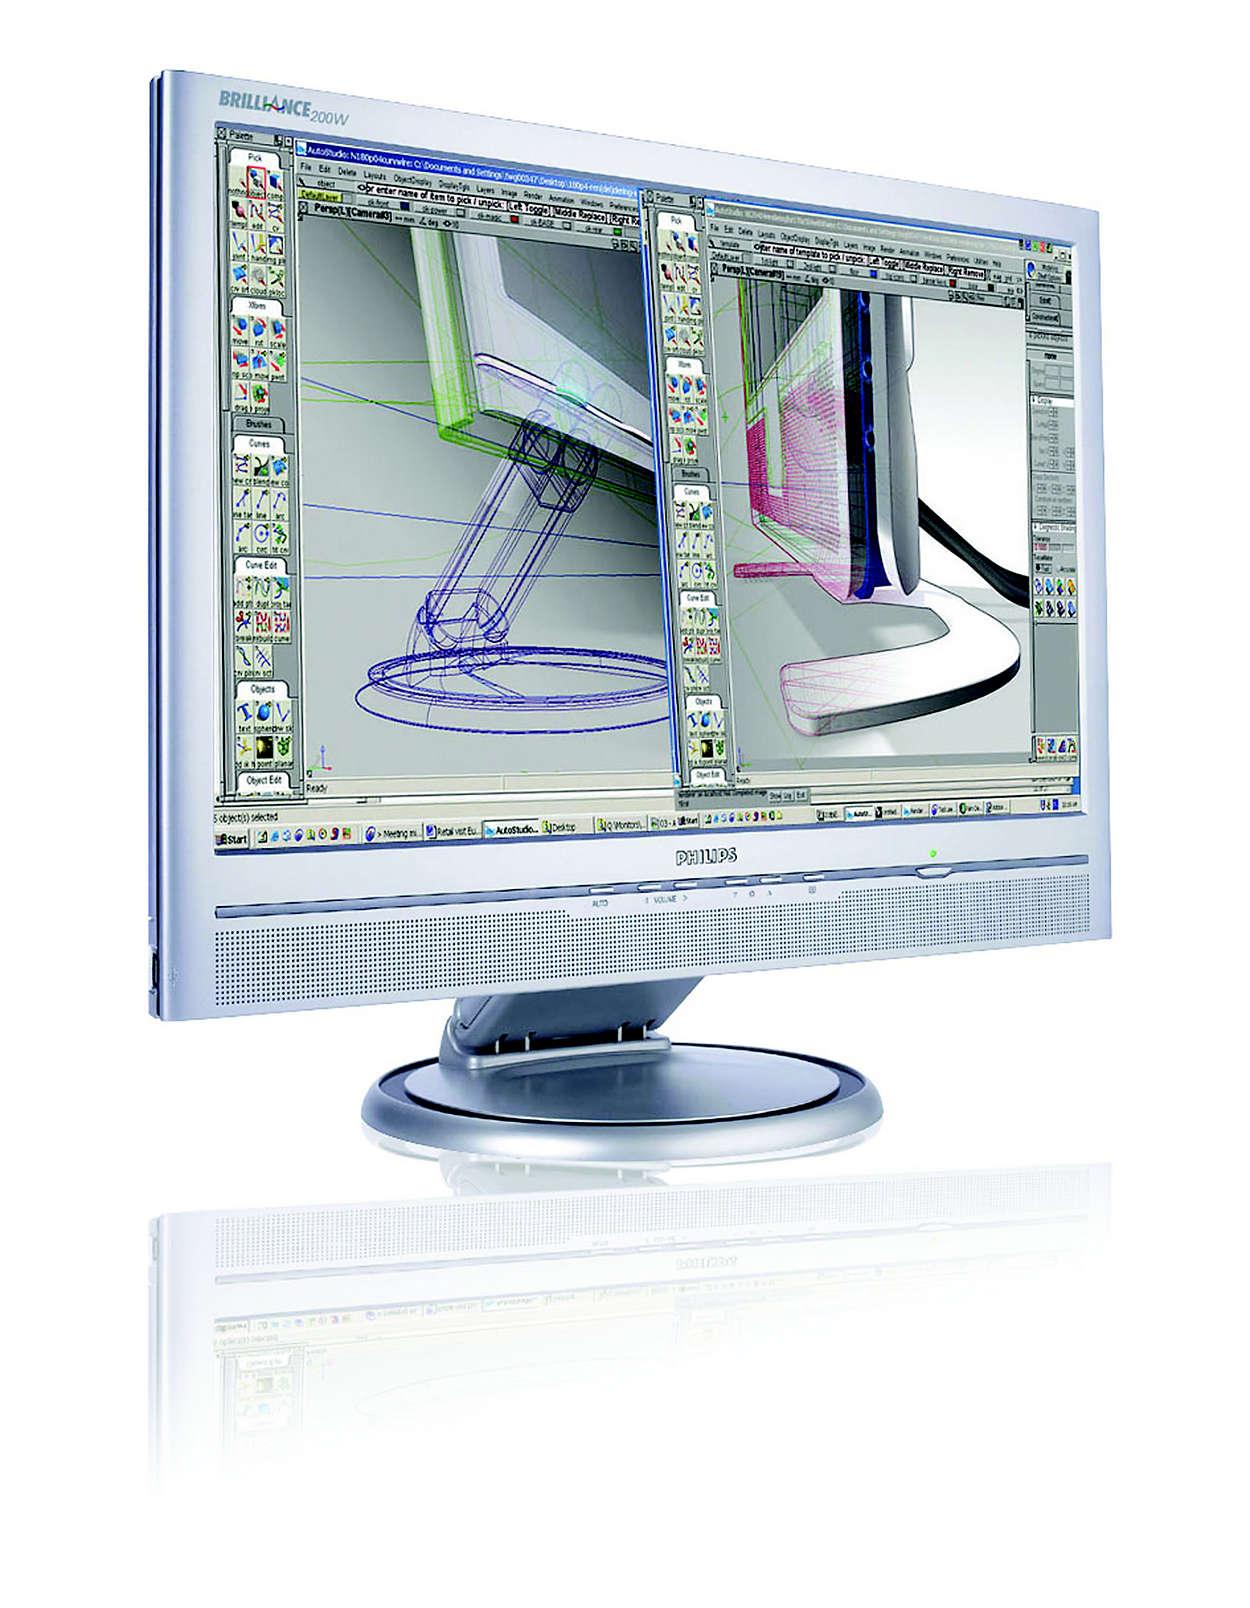 det bästa valet för stor Widescreen-skärm